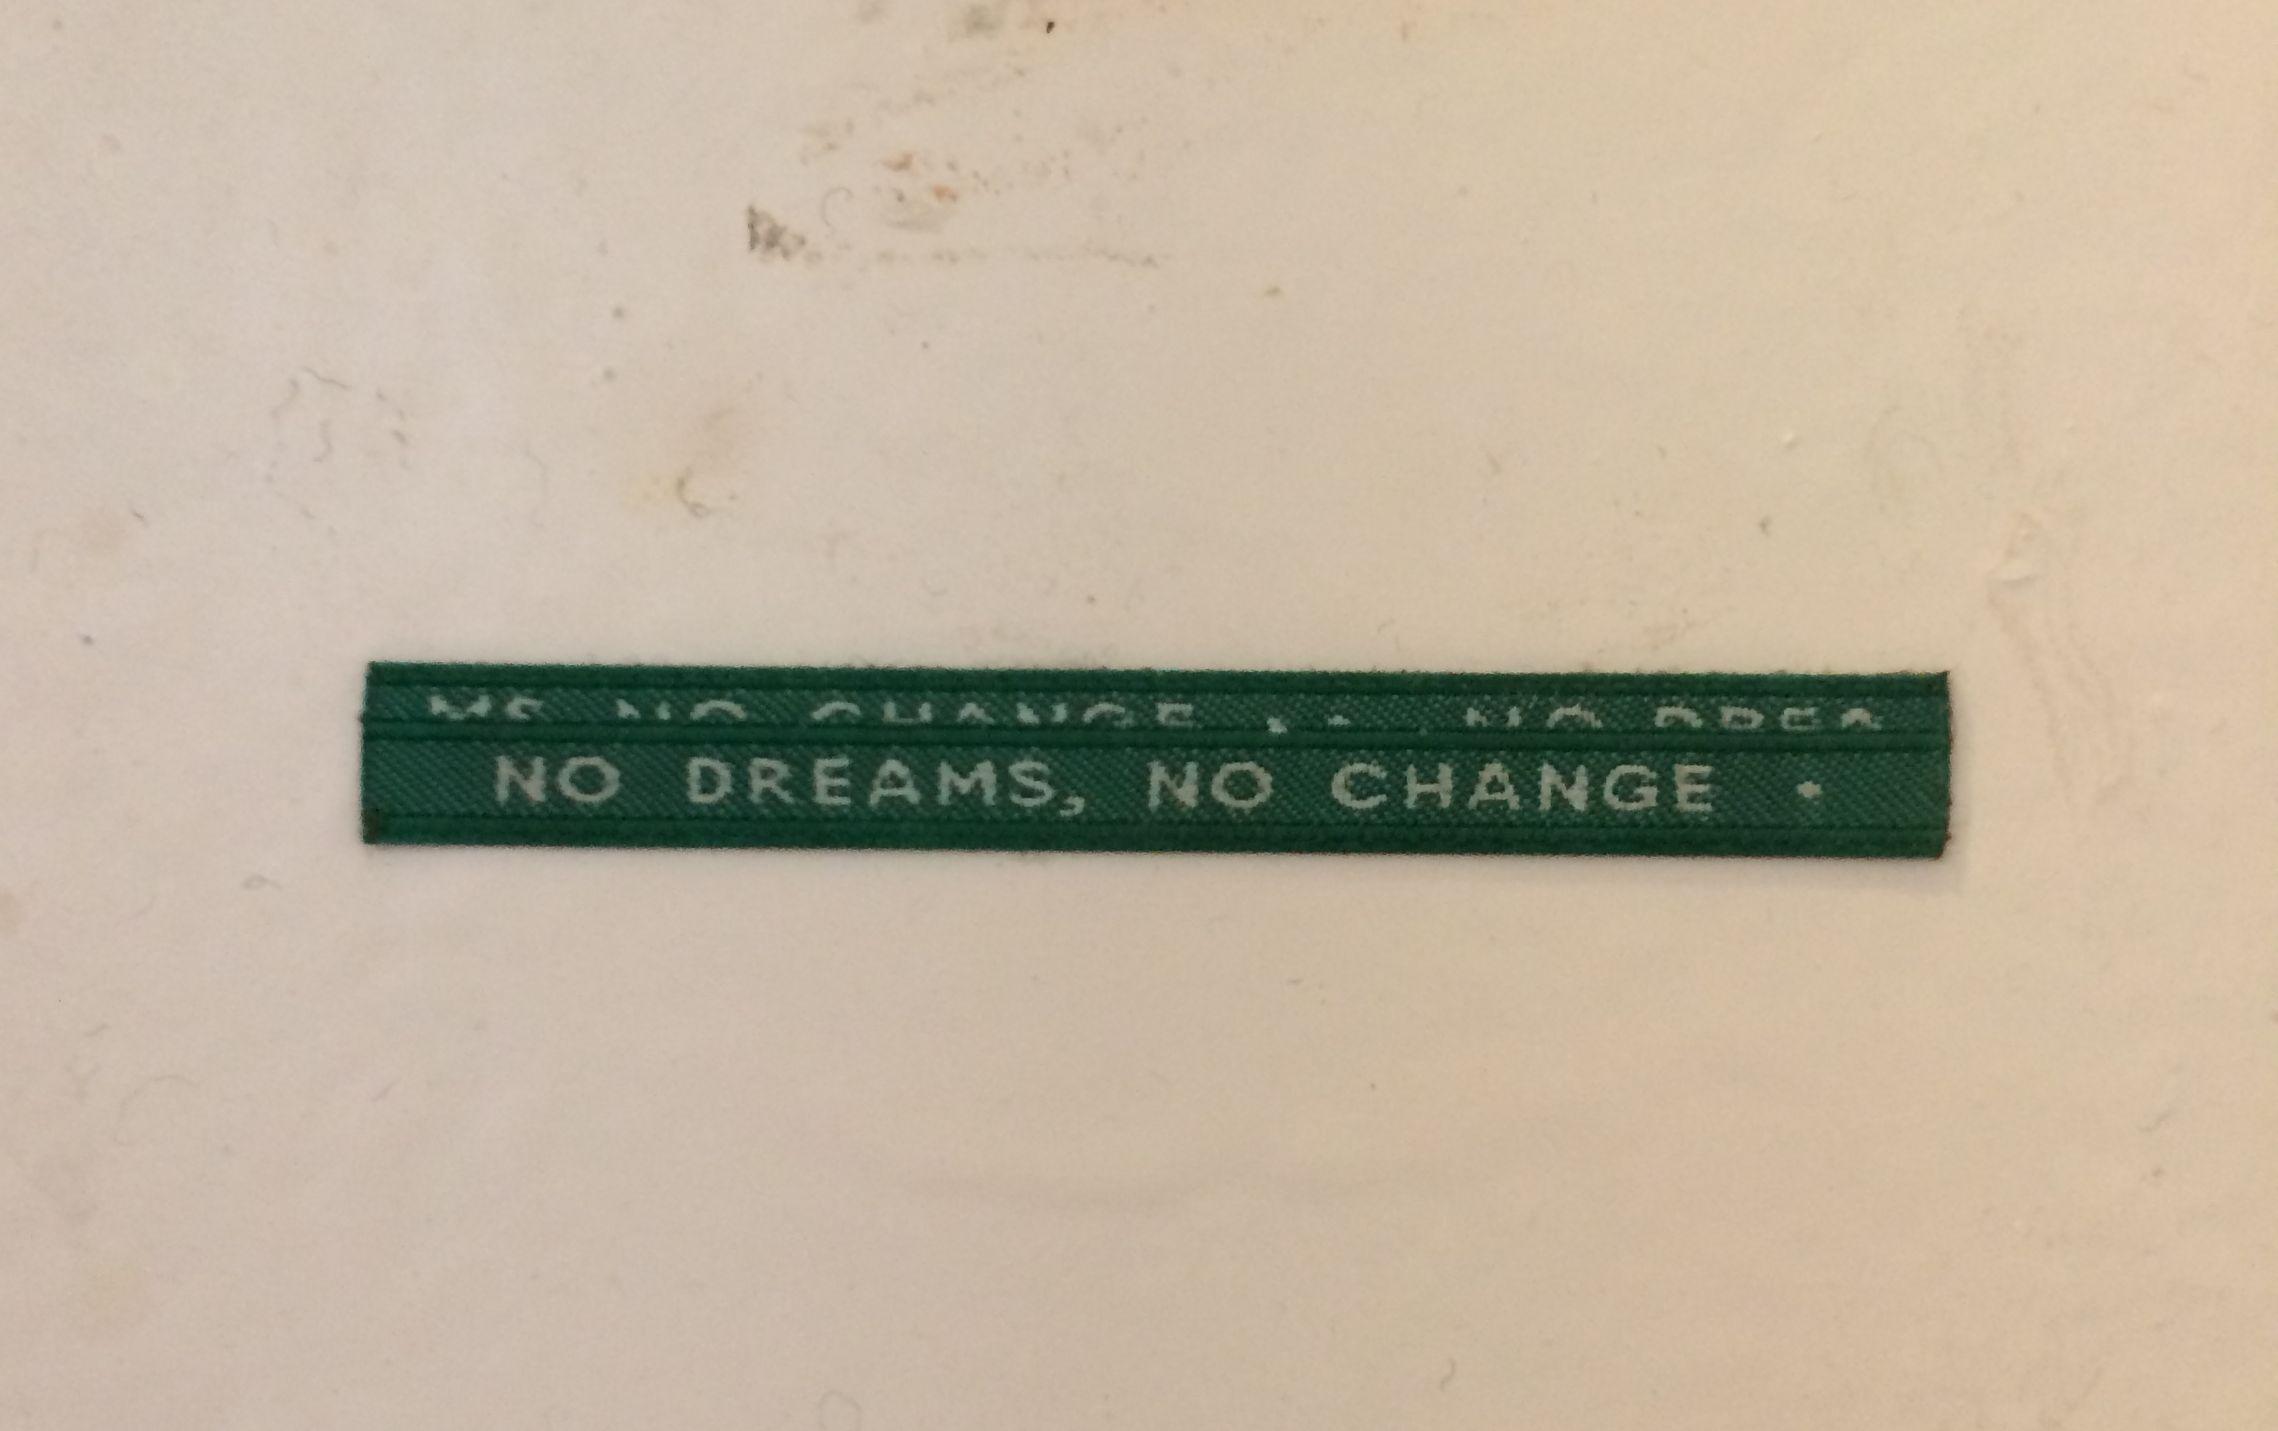 Sin sueños, nada cambia.